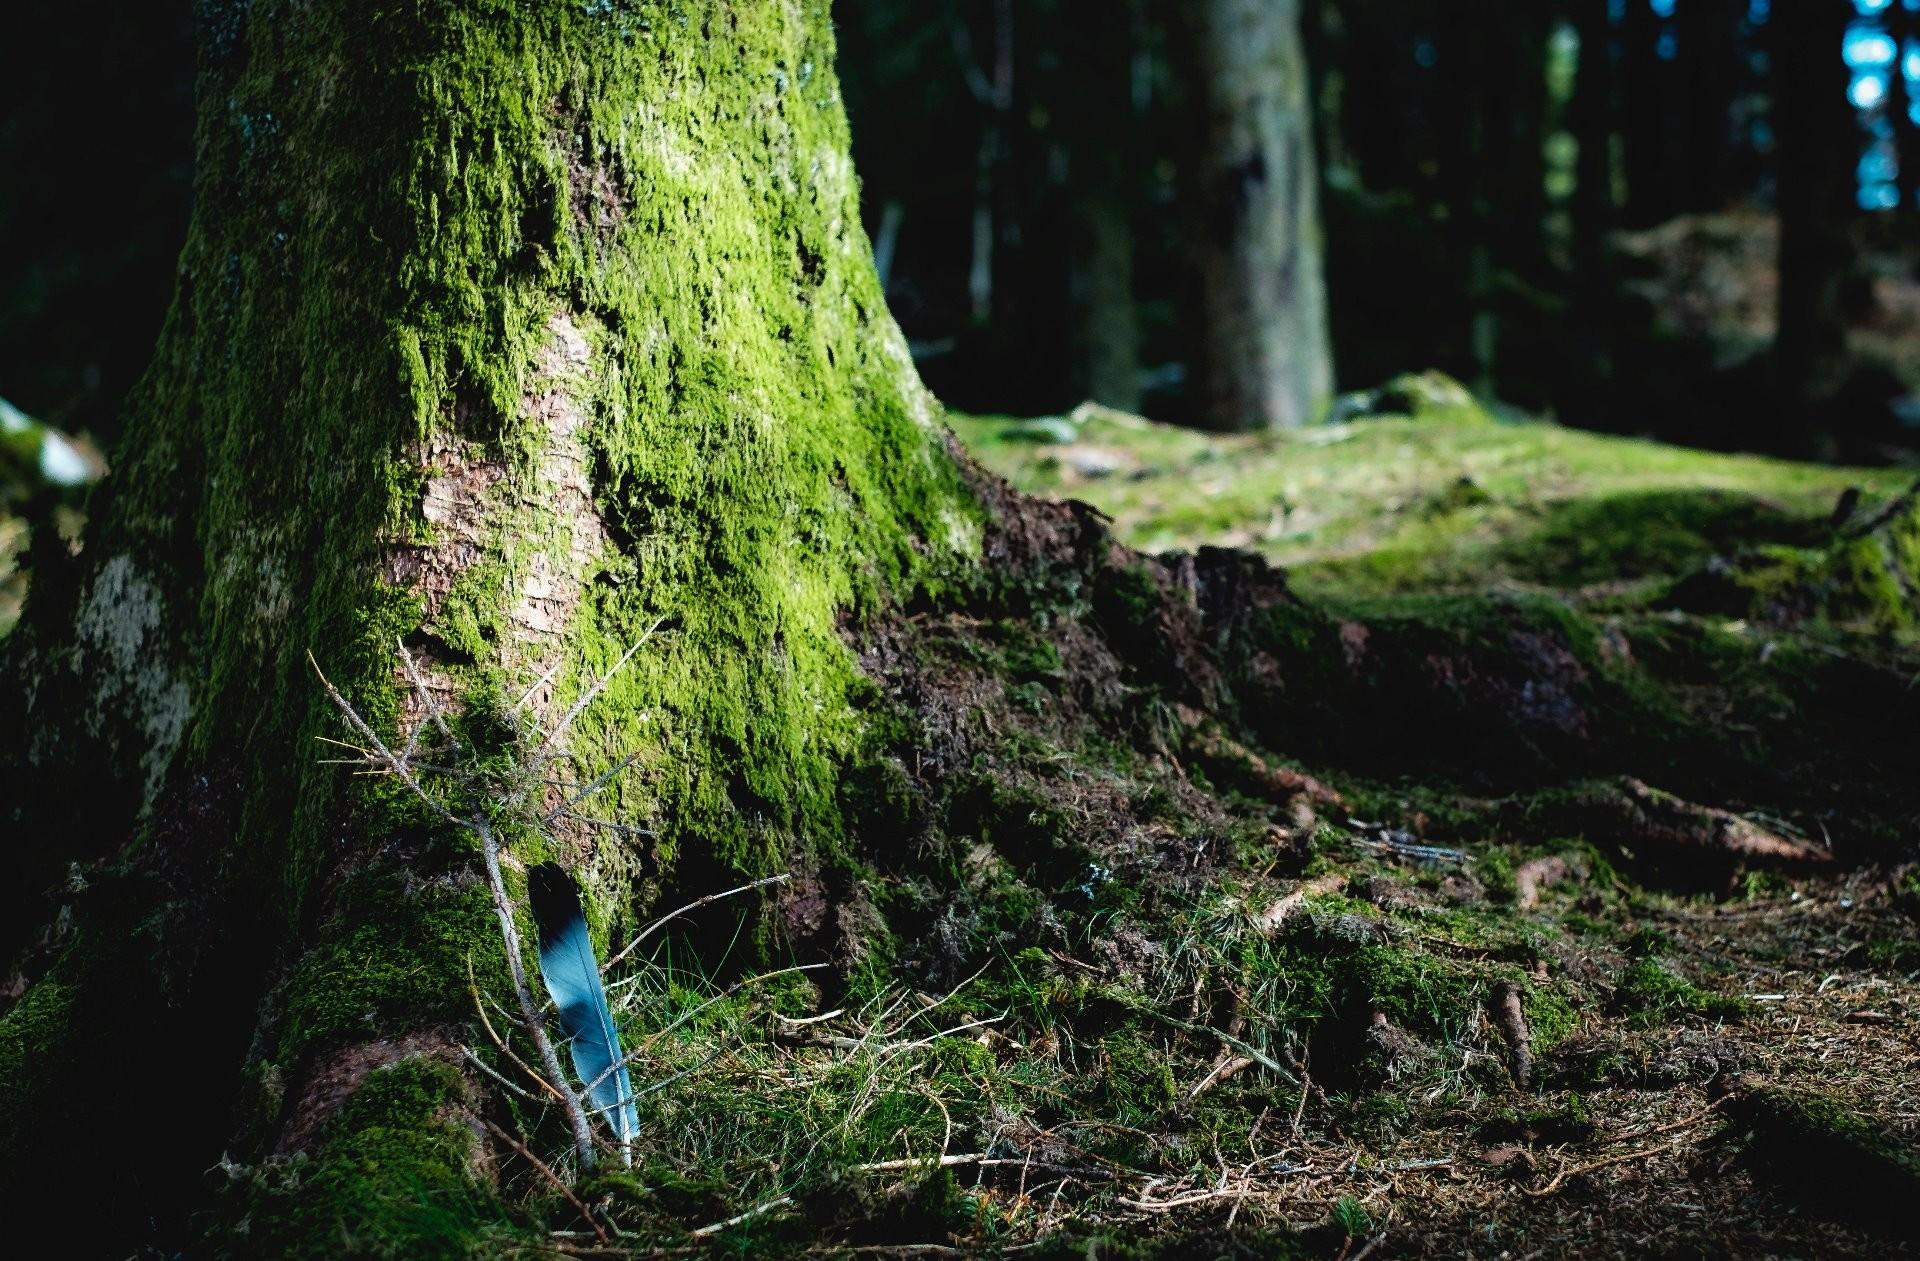 Investigadores del I3A darán apoyo al sector agrario y forestal para mejorar sus capacidades en la producción de energía basada en biomasa